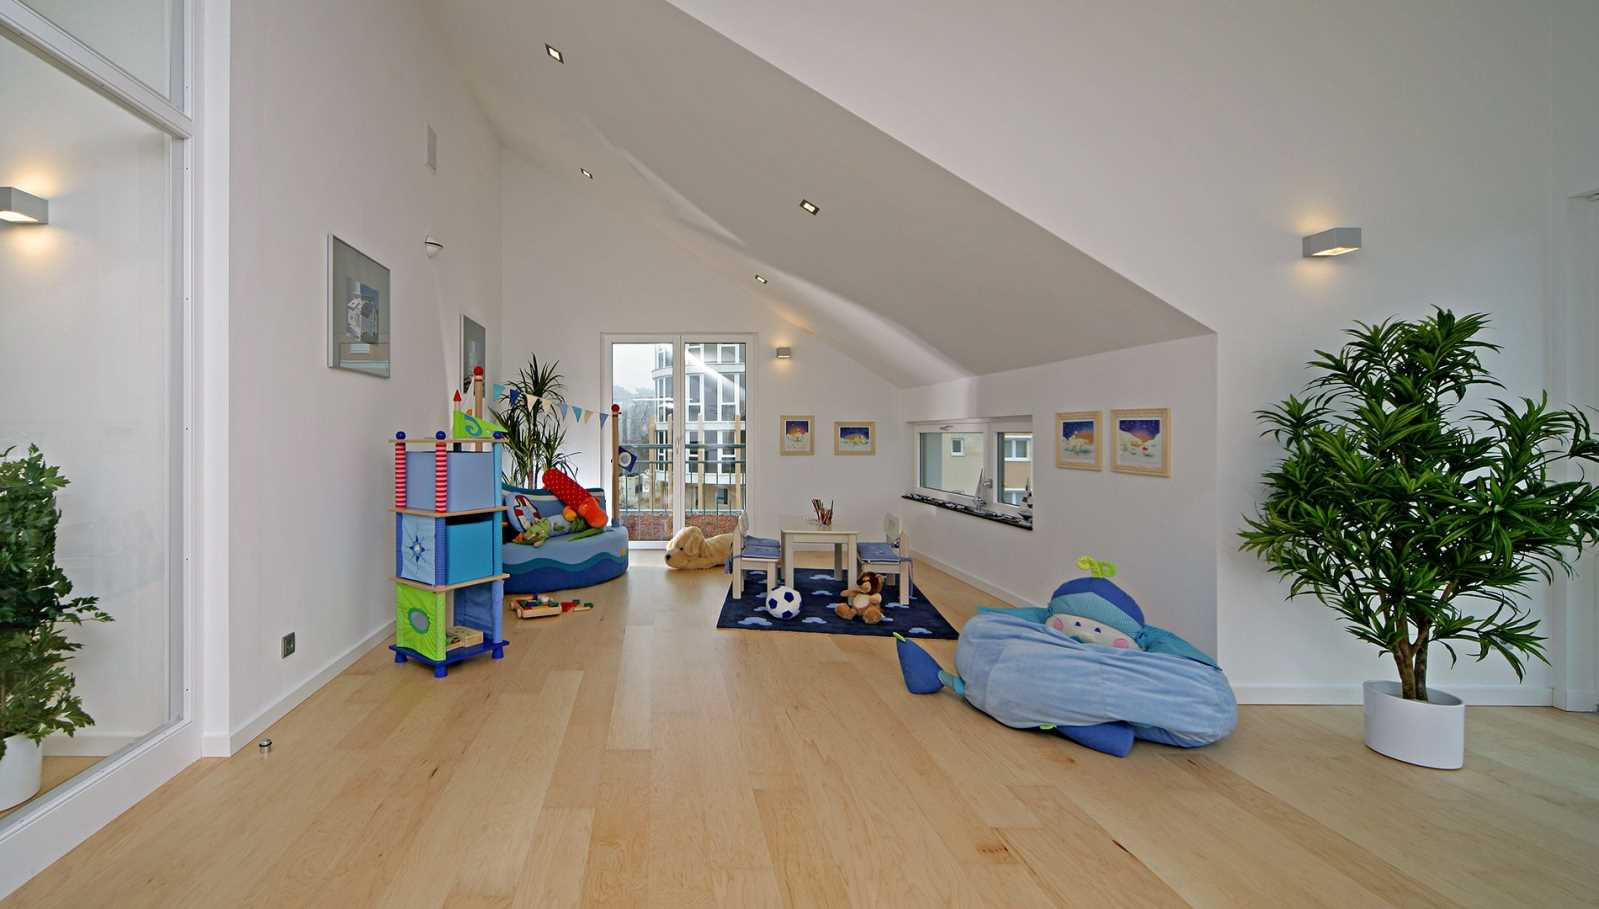 Plusenergiehaus Erlangen - Kinderzimmer